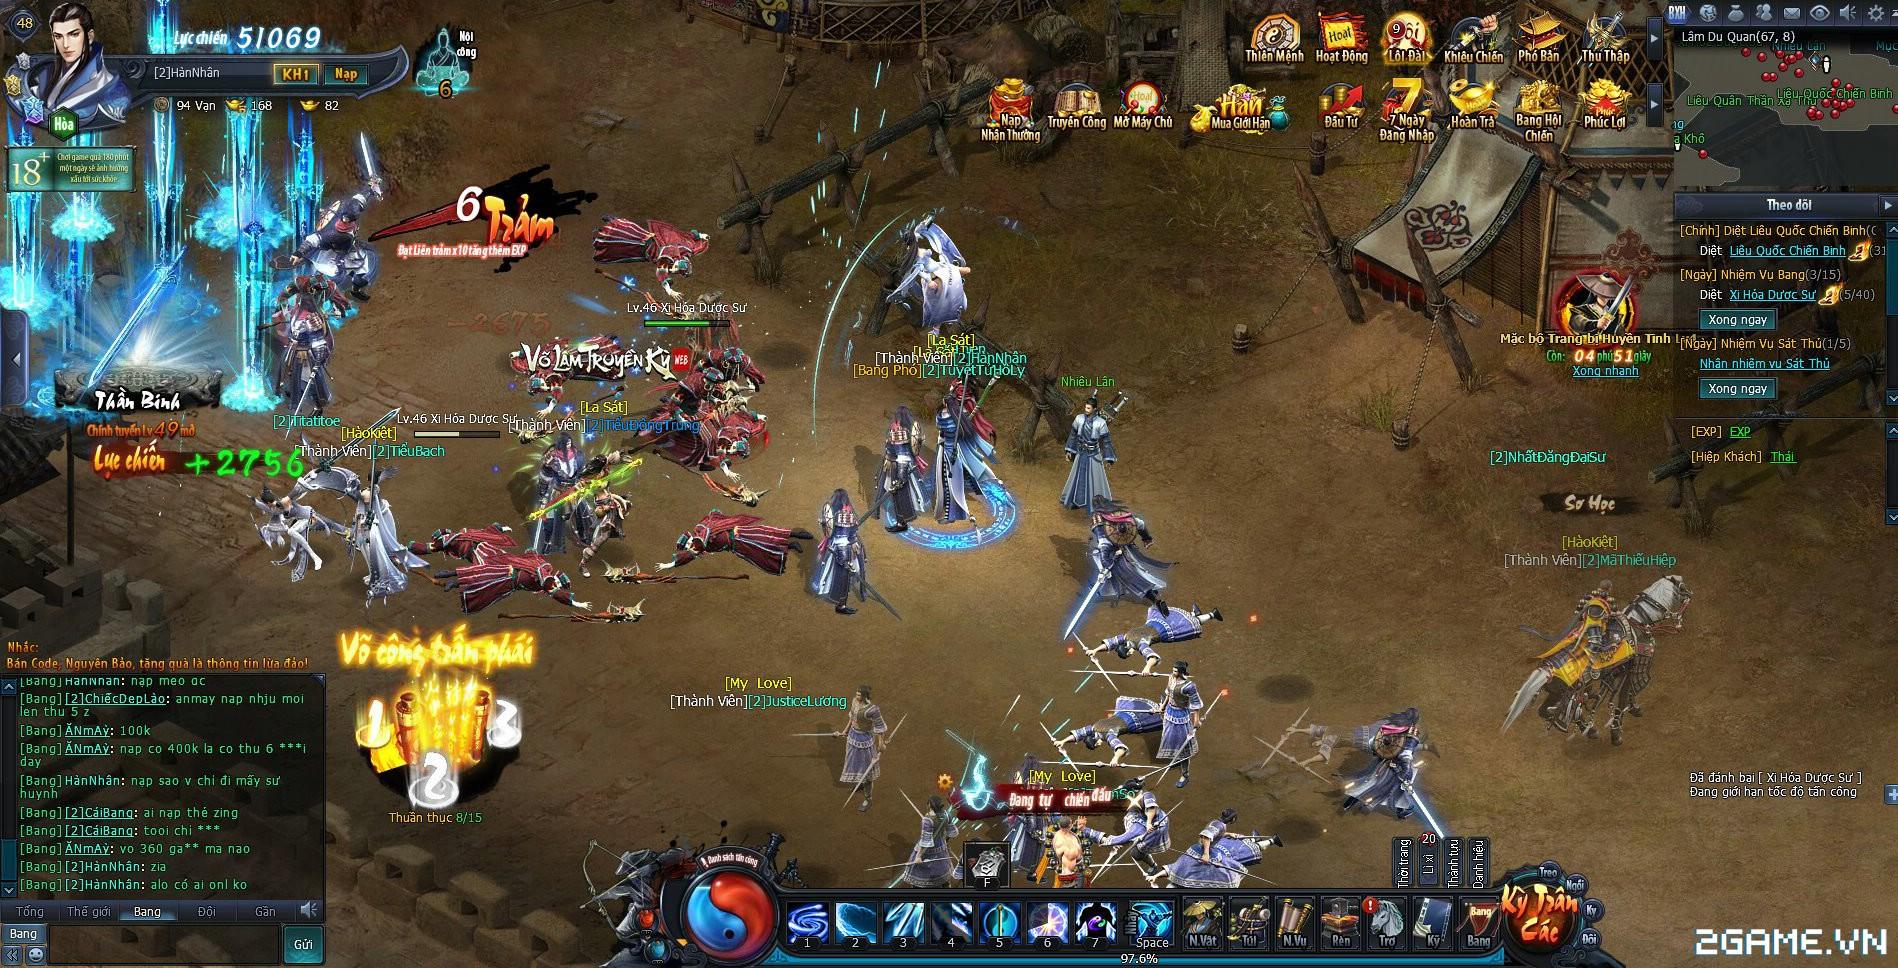 VNG thổi lừa làng game Việt tháng 5 với 3 dự án game mới 1